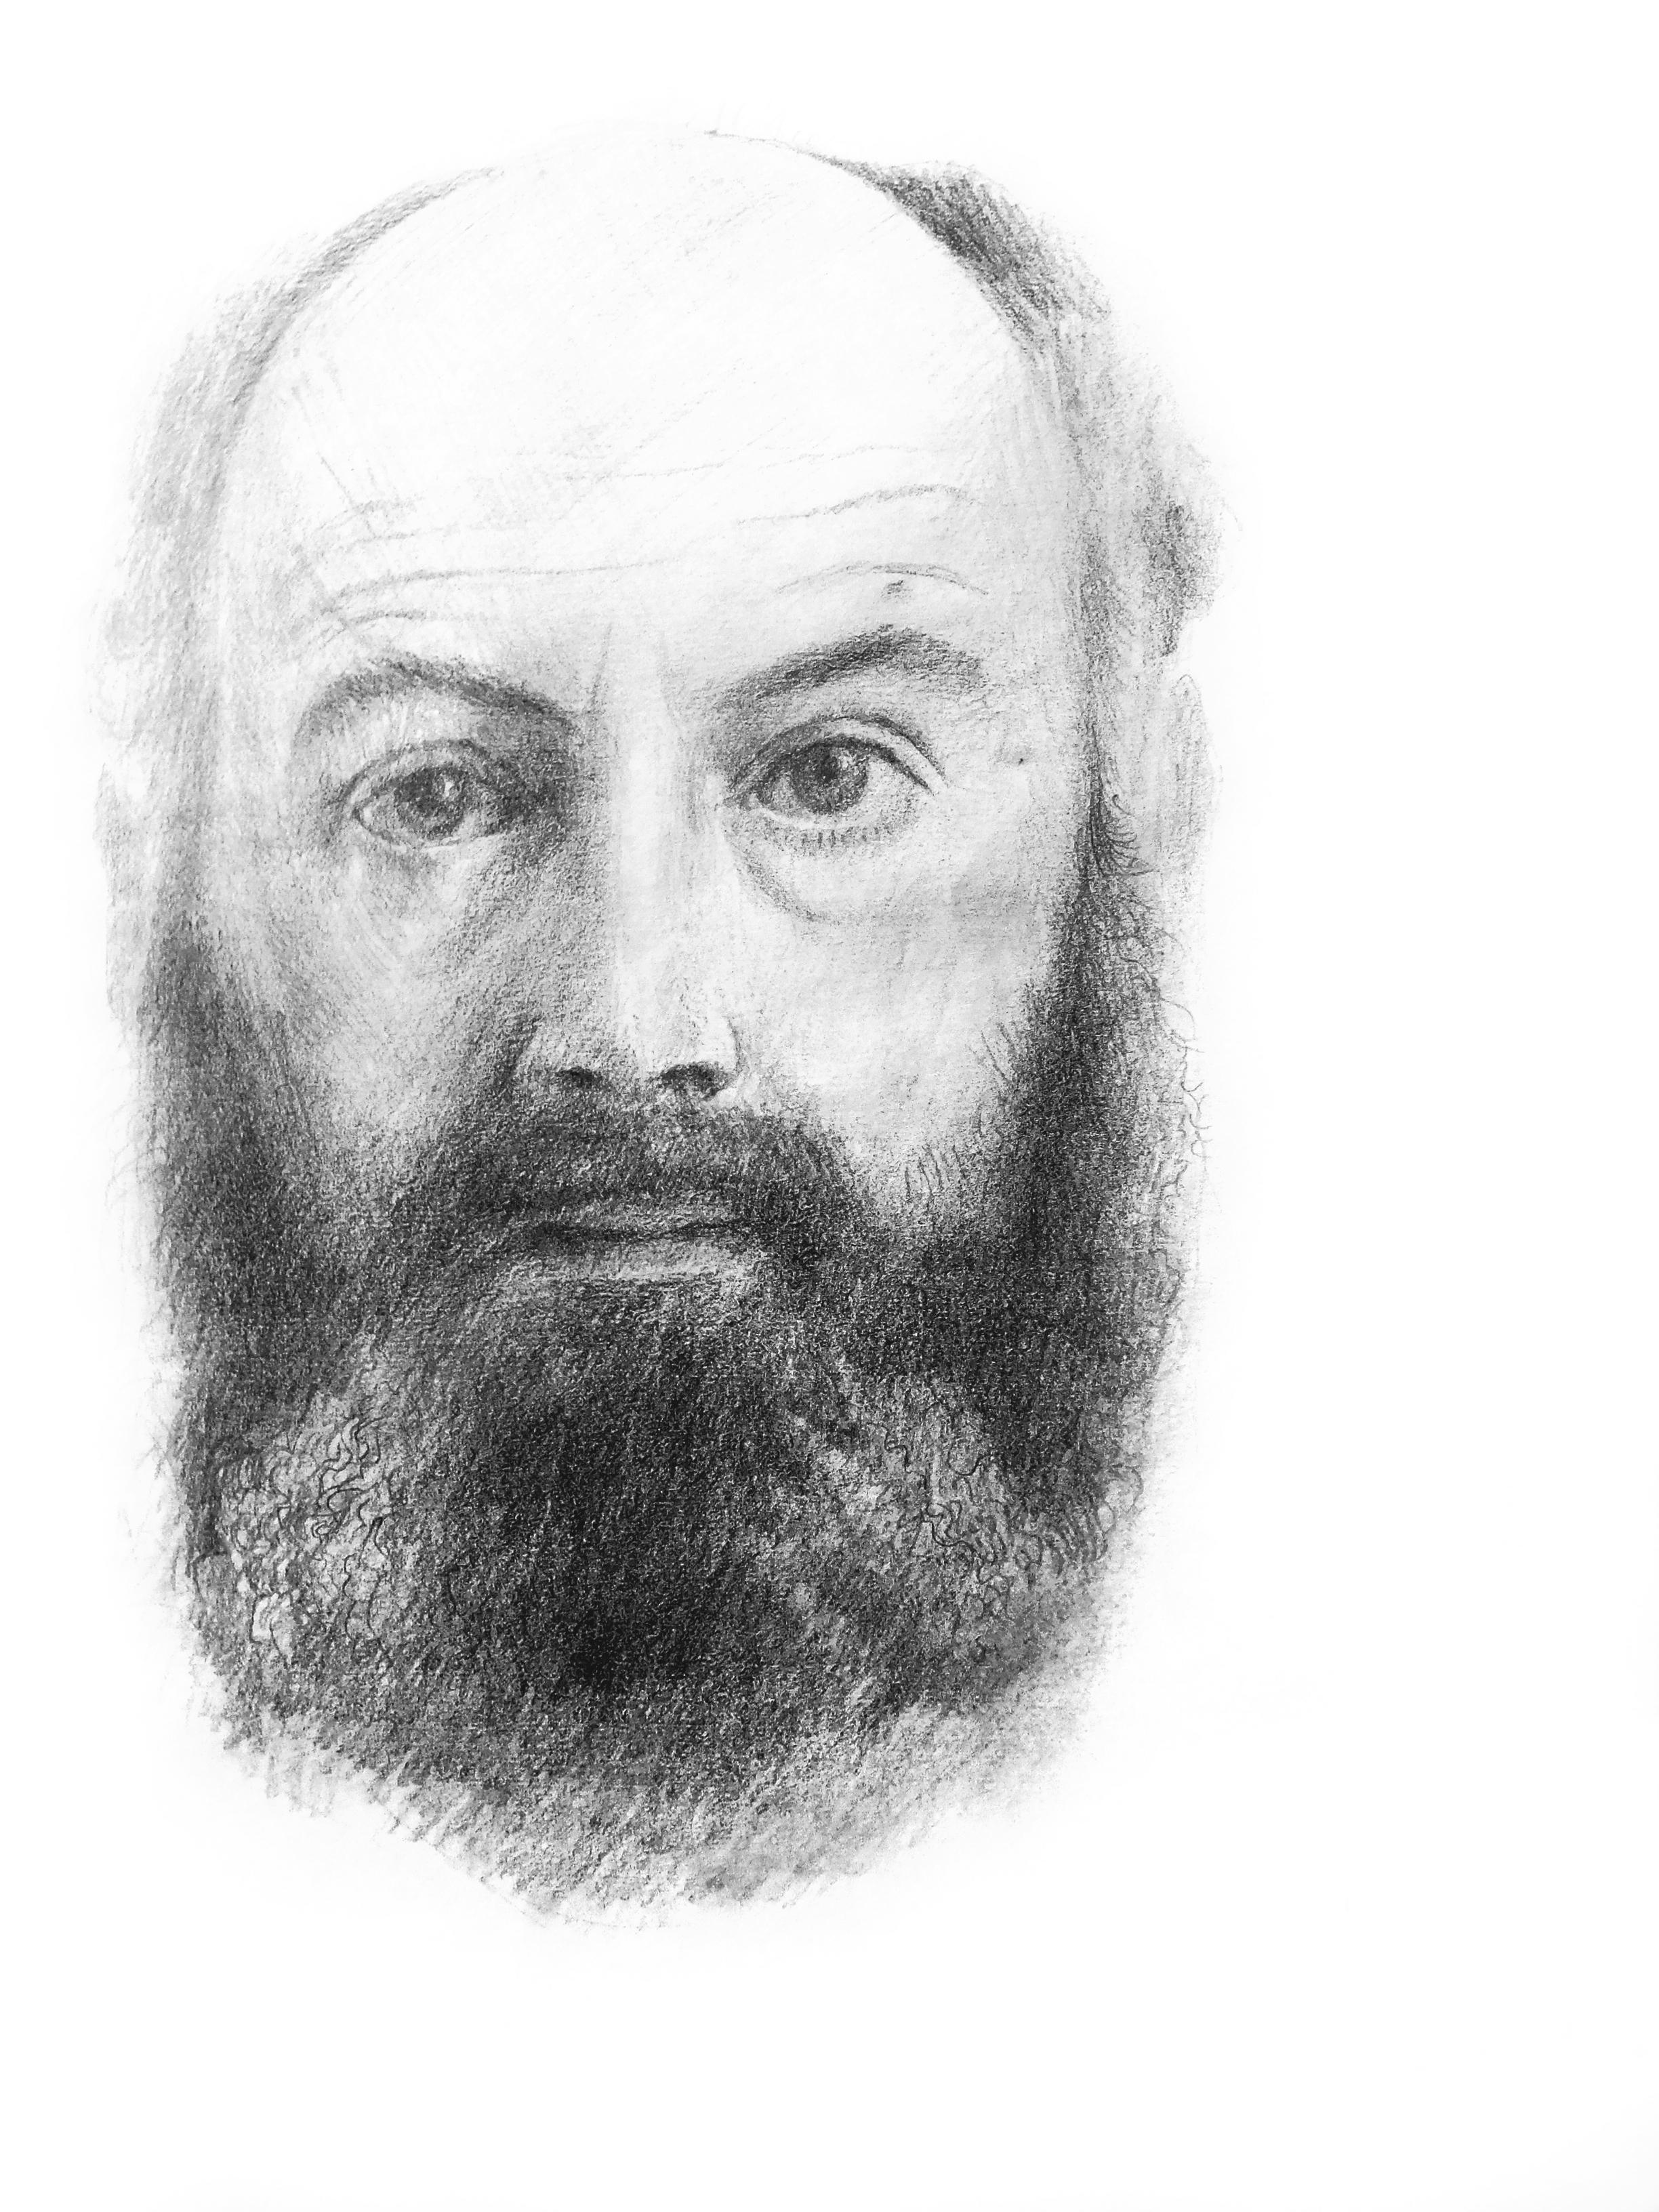 """יצחק גלעדי ,דיוקן עצמי, עפרון על נייר,35X40 ס""""מ, אוסף האמן"""